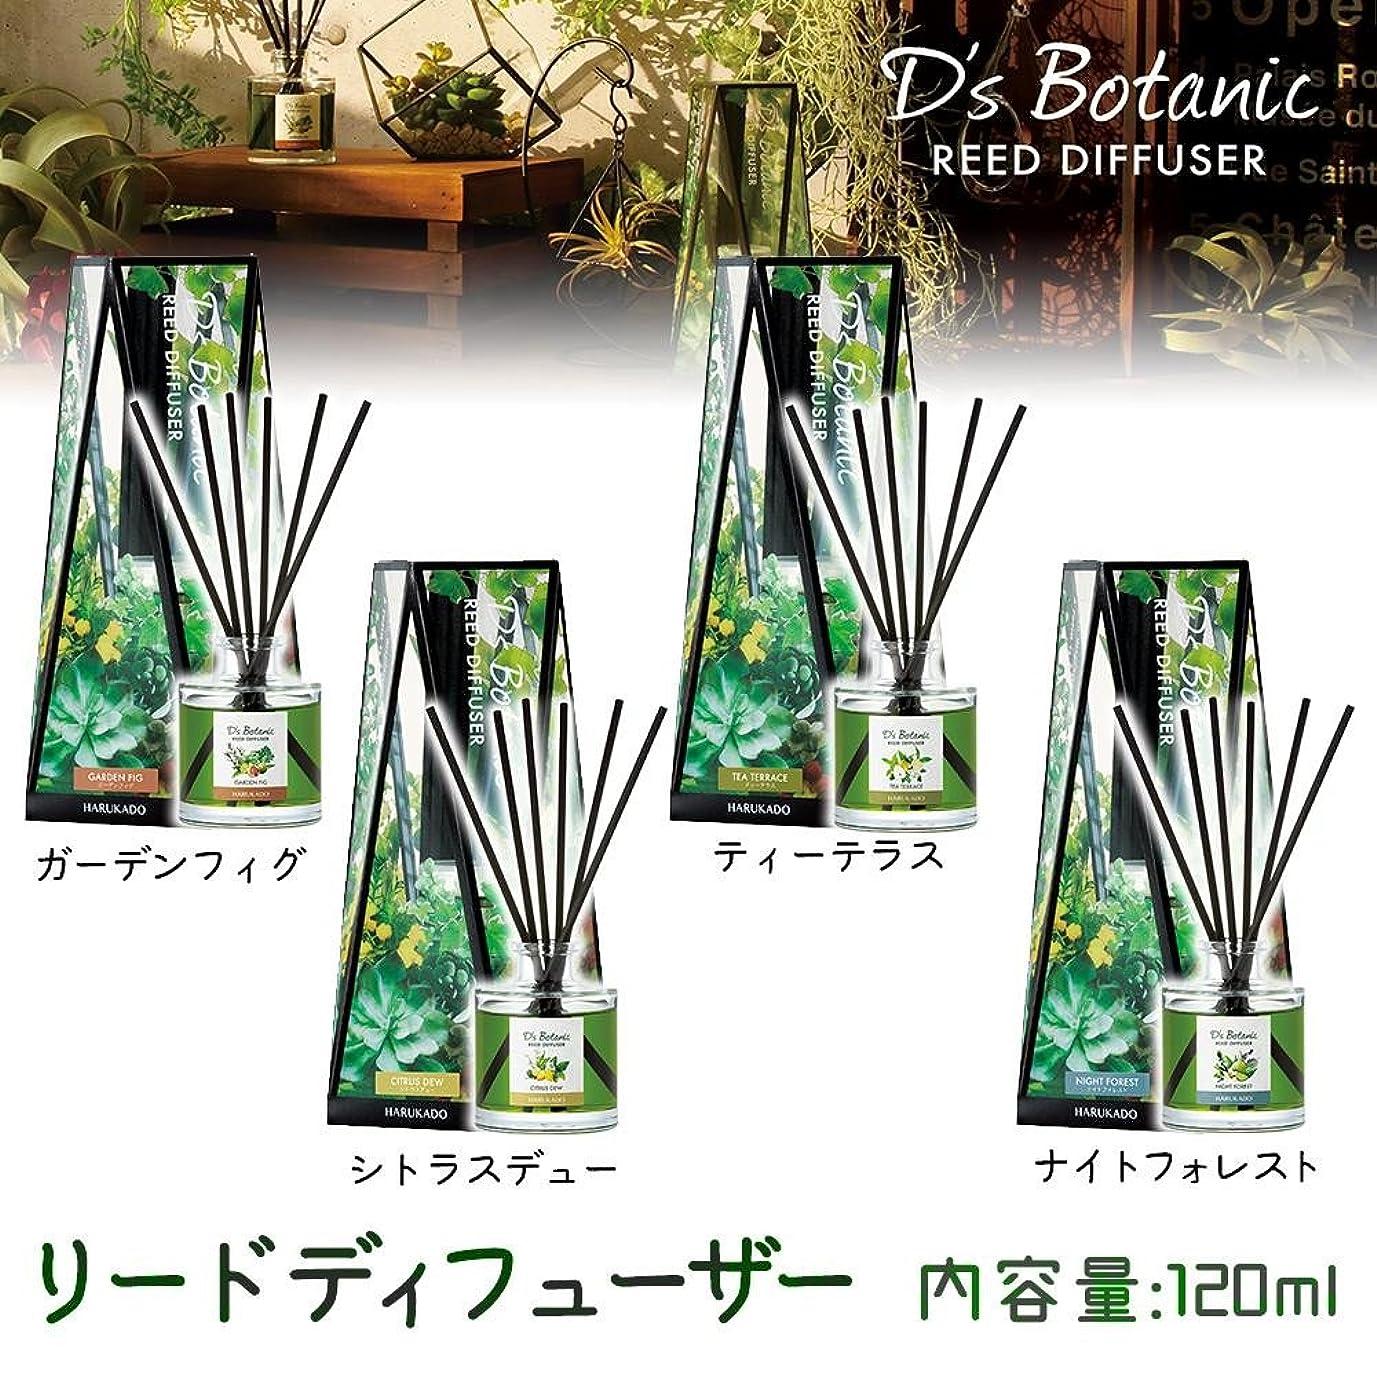 バングラデシュ恥ずかしさファウルD'S Botanic(デイズボタニック) リードディフューザー ルームフレグランス 120ml シトラスデュー?6229【人気 おすすめ 】